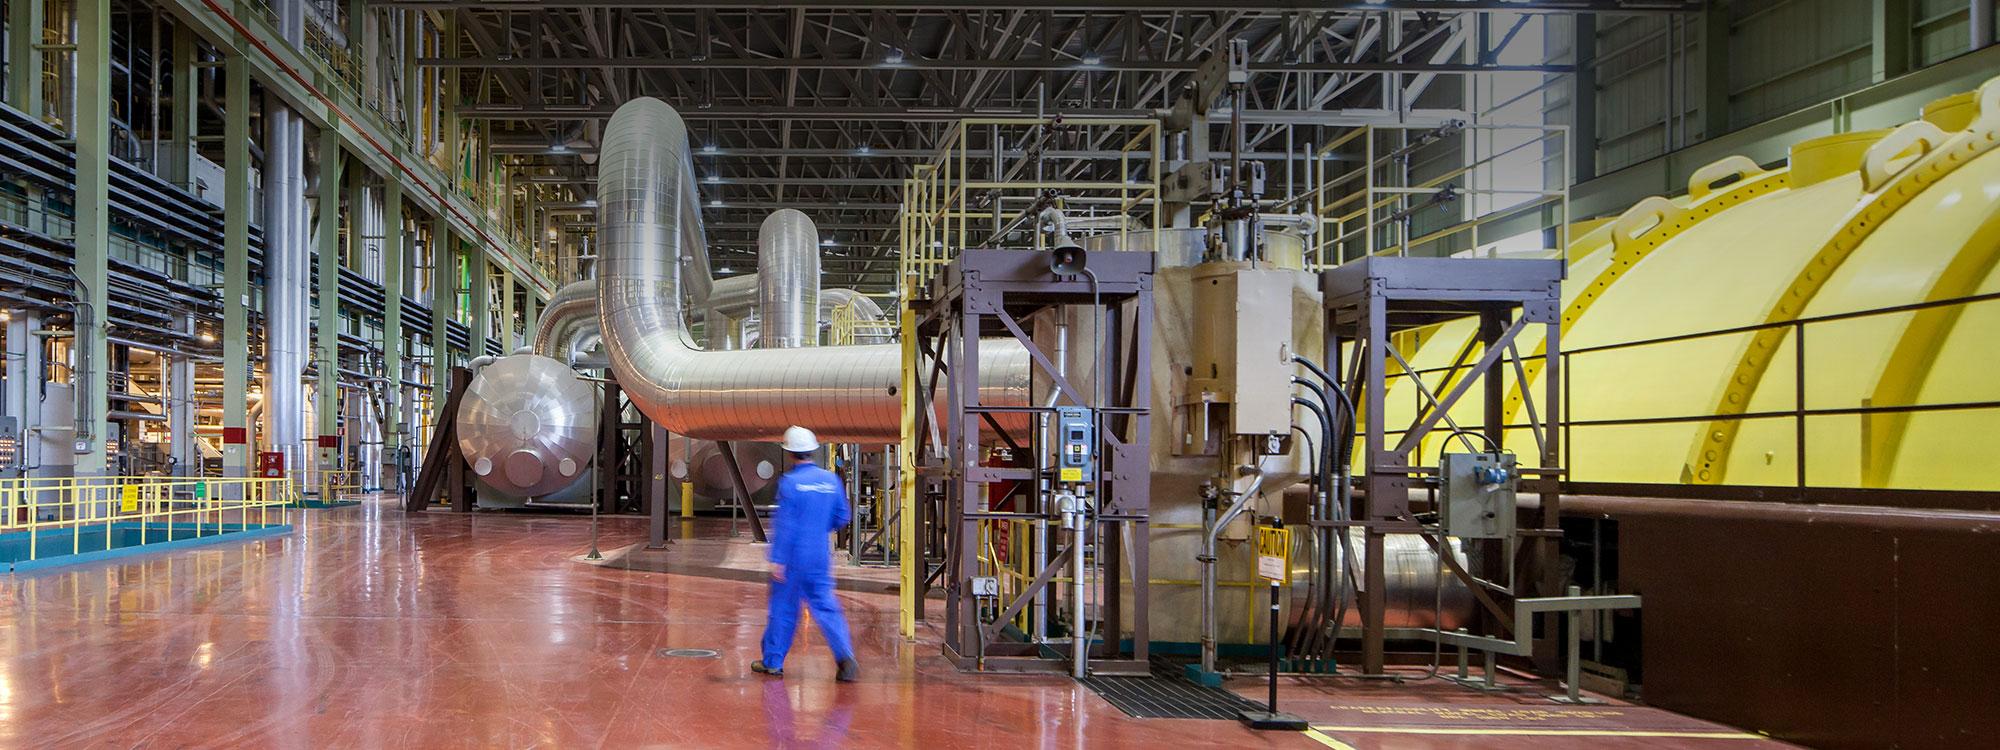 Turbine Floor